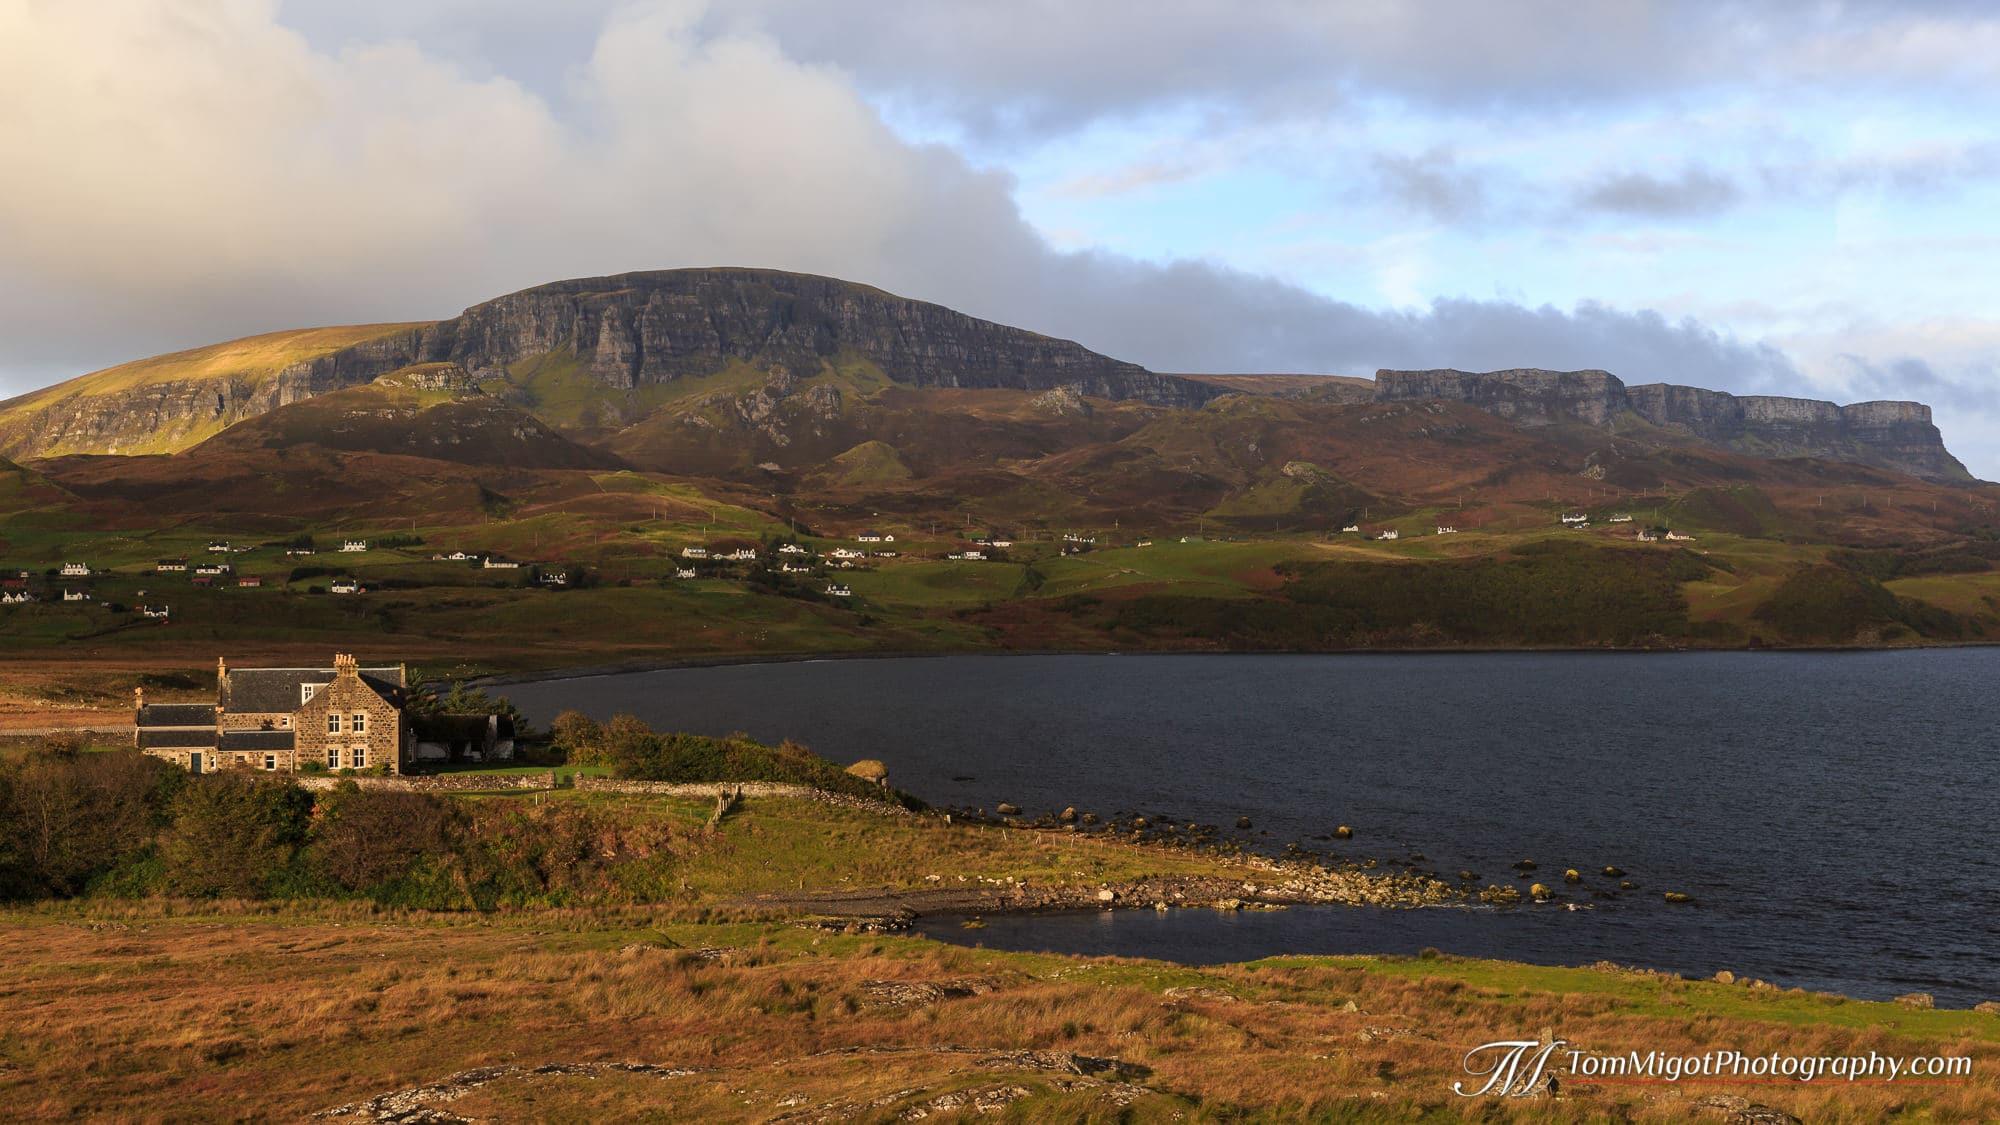 Le Quiraing sur l'Ile de Skye en Ecosse photographié à l'automne